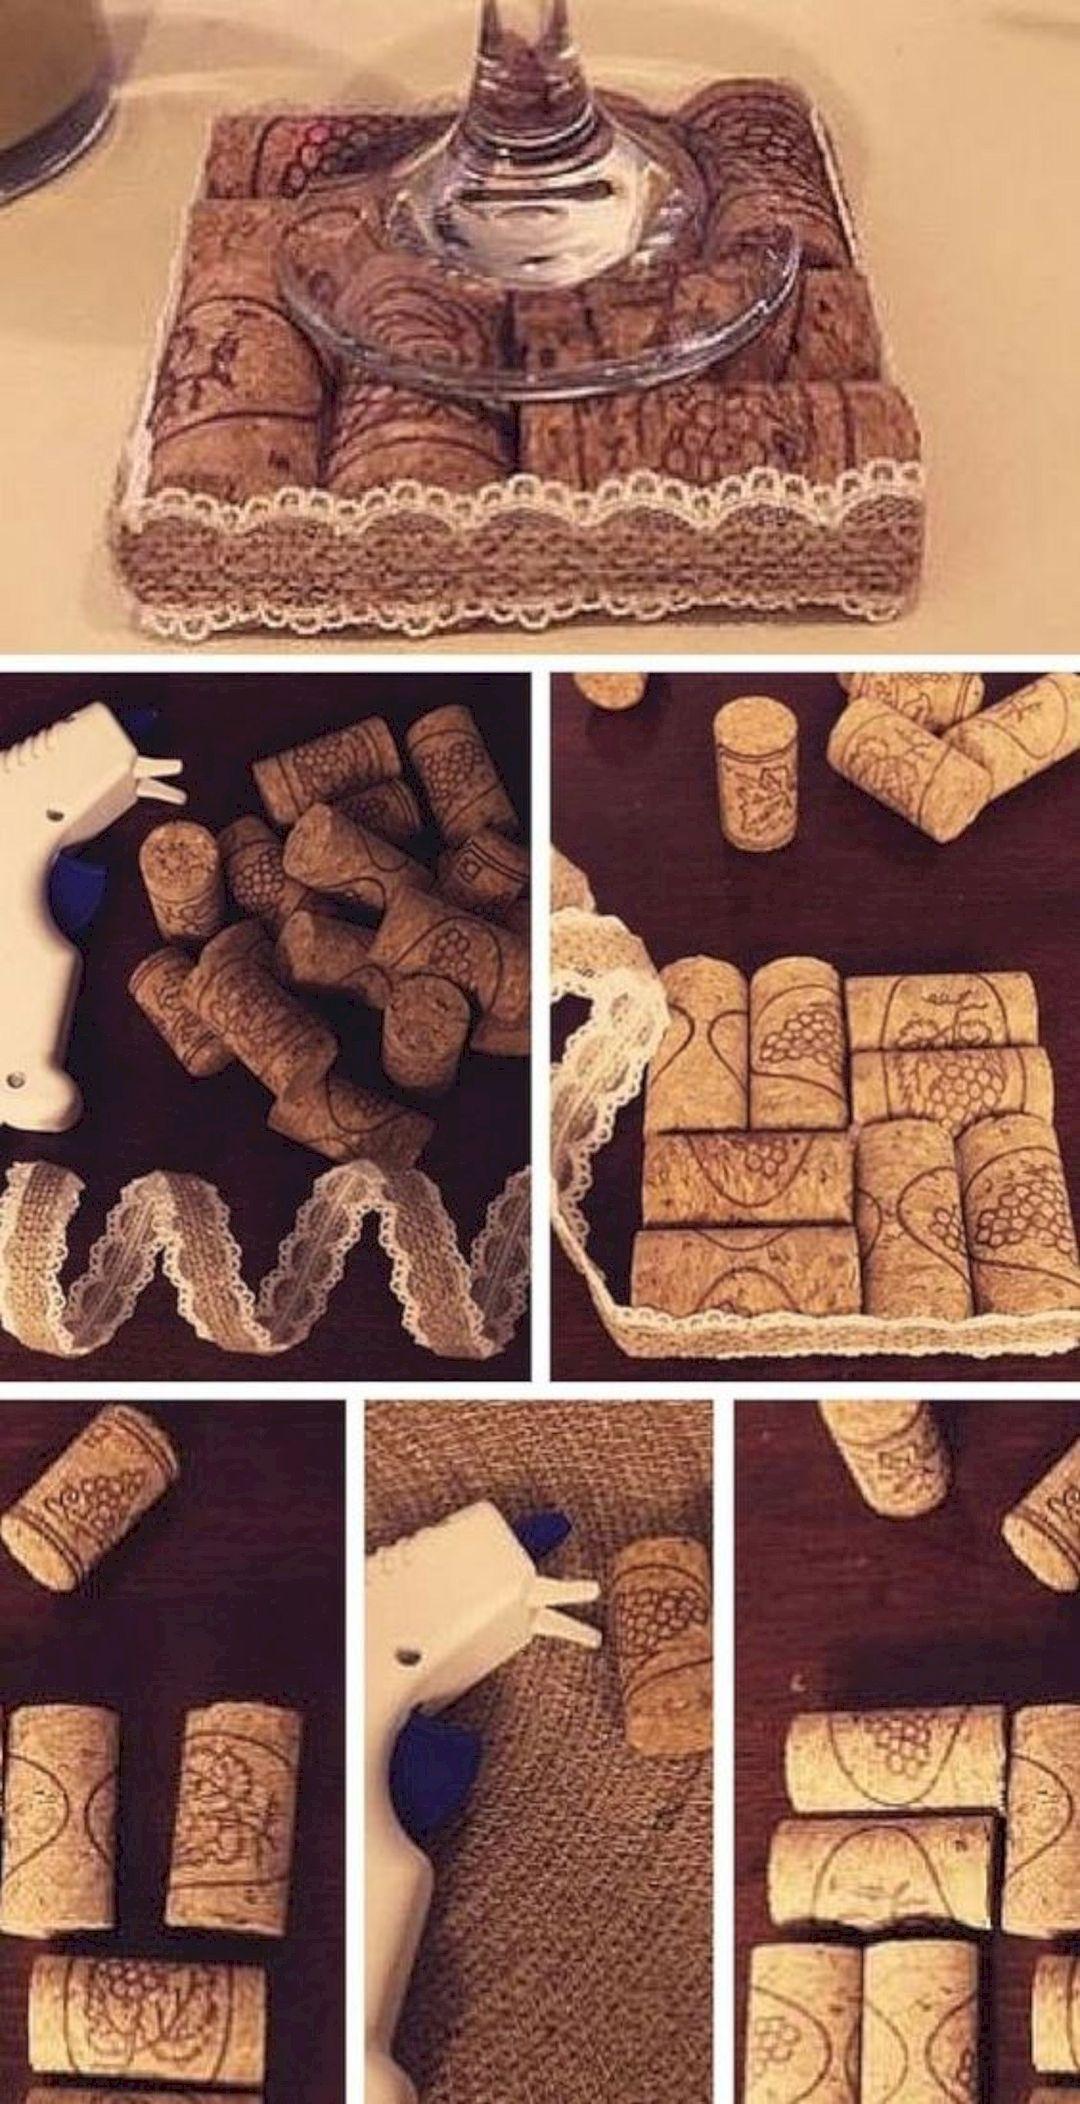 Delightful 16 Home Decor Ideas With Waste Materials  Https://www.futuristarchitecture.com